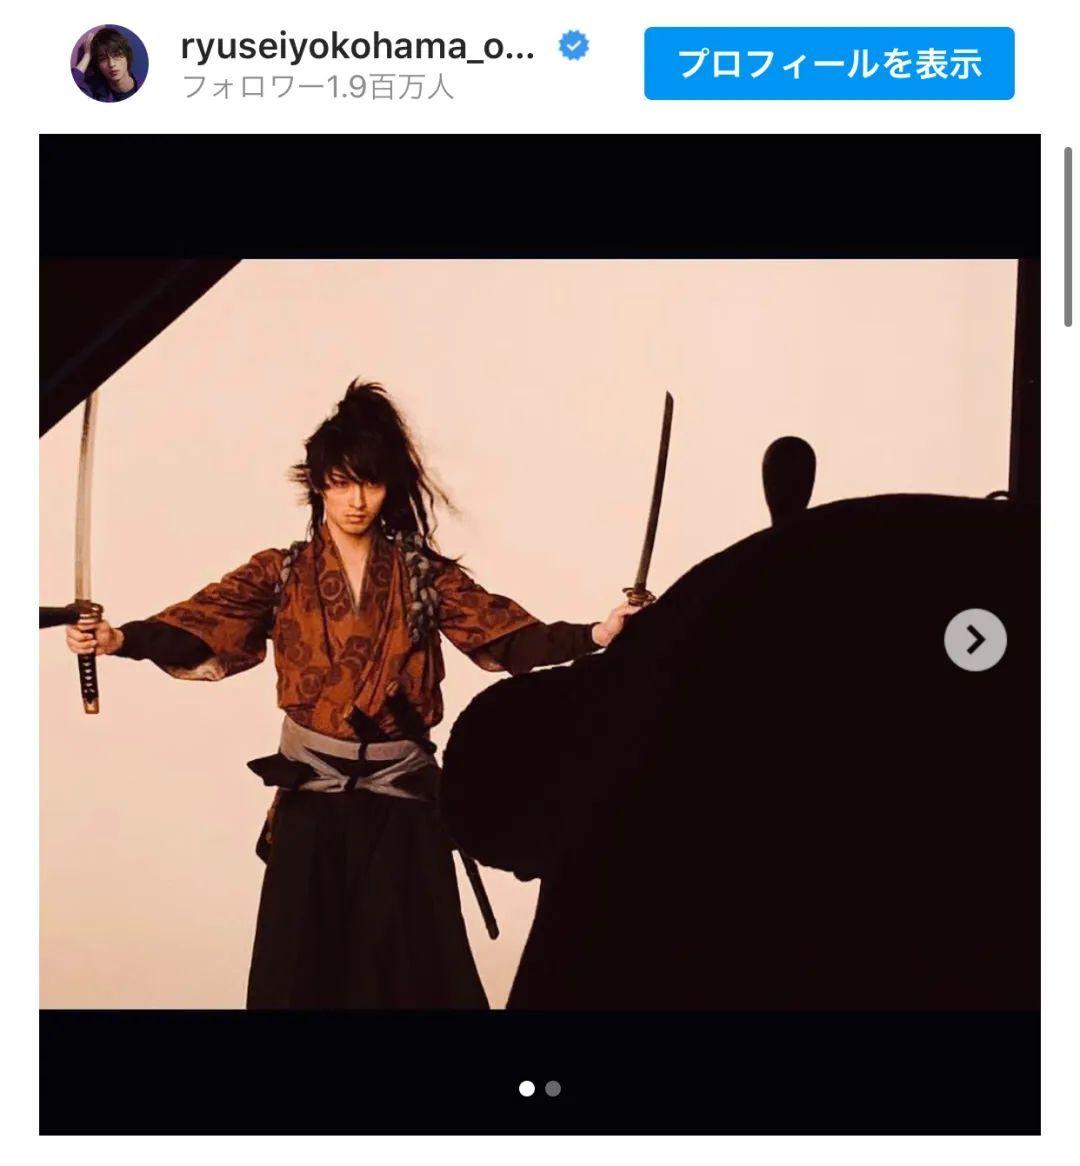 """日本人气演员""""横滨流星""""感染新冠肺炎,目前正在住院治疗。_图片 No.12"""